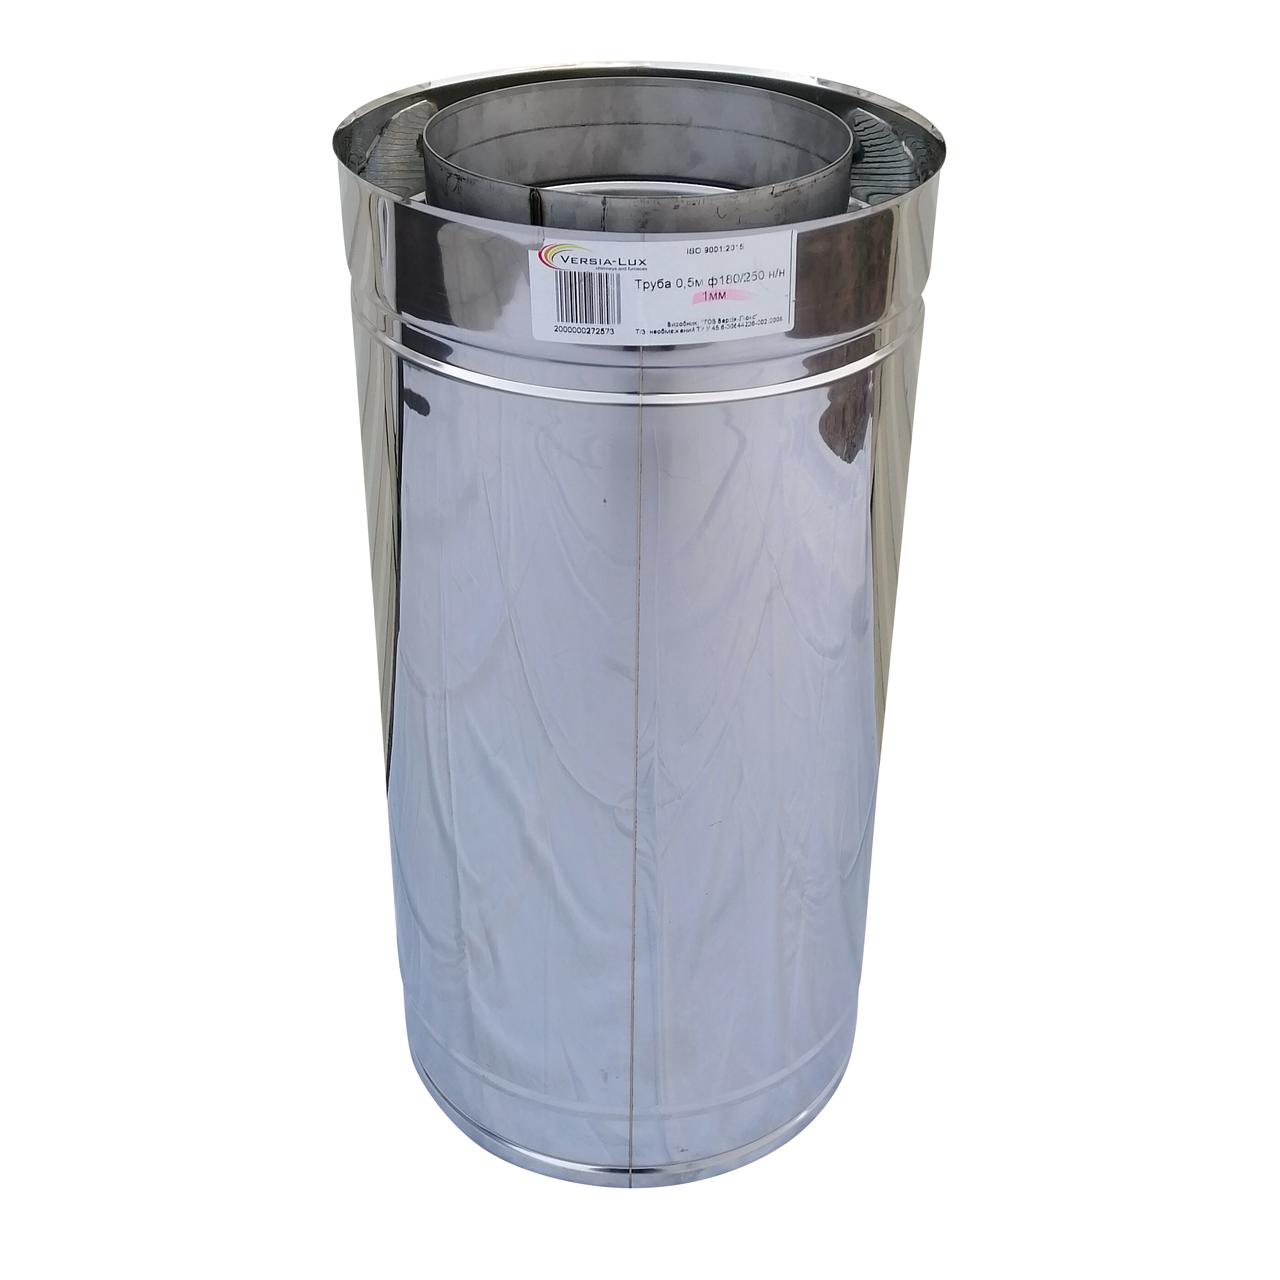 Труба димохідна сендвіч d 250 мм; 0,5 мм; AISI 304; 50 см; нержавіюча сталь/неіржавіюча сталь - «Версія-Люкс»